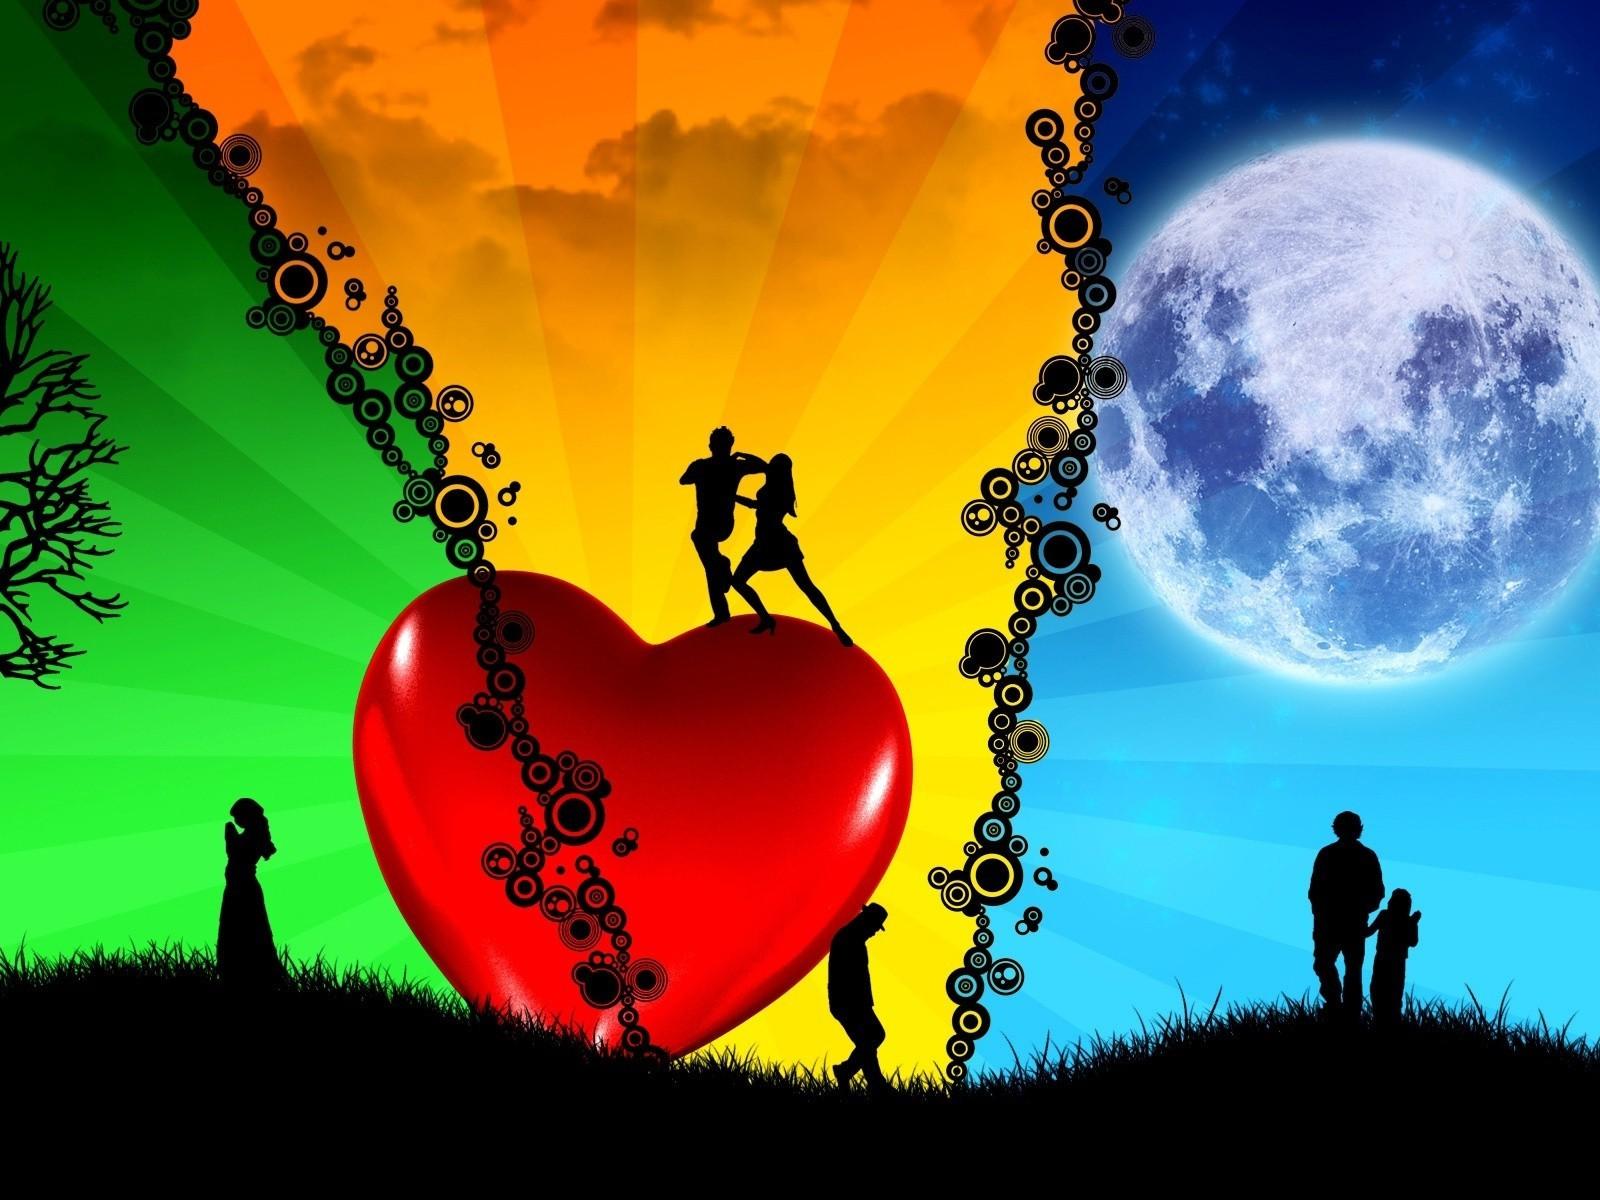 Картинки для телефонов на тему любовь